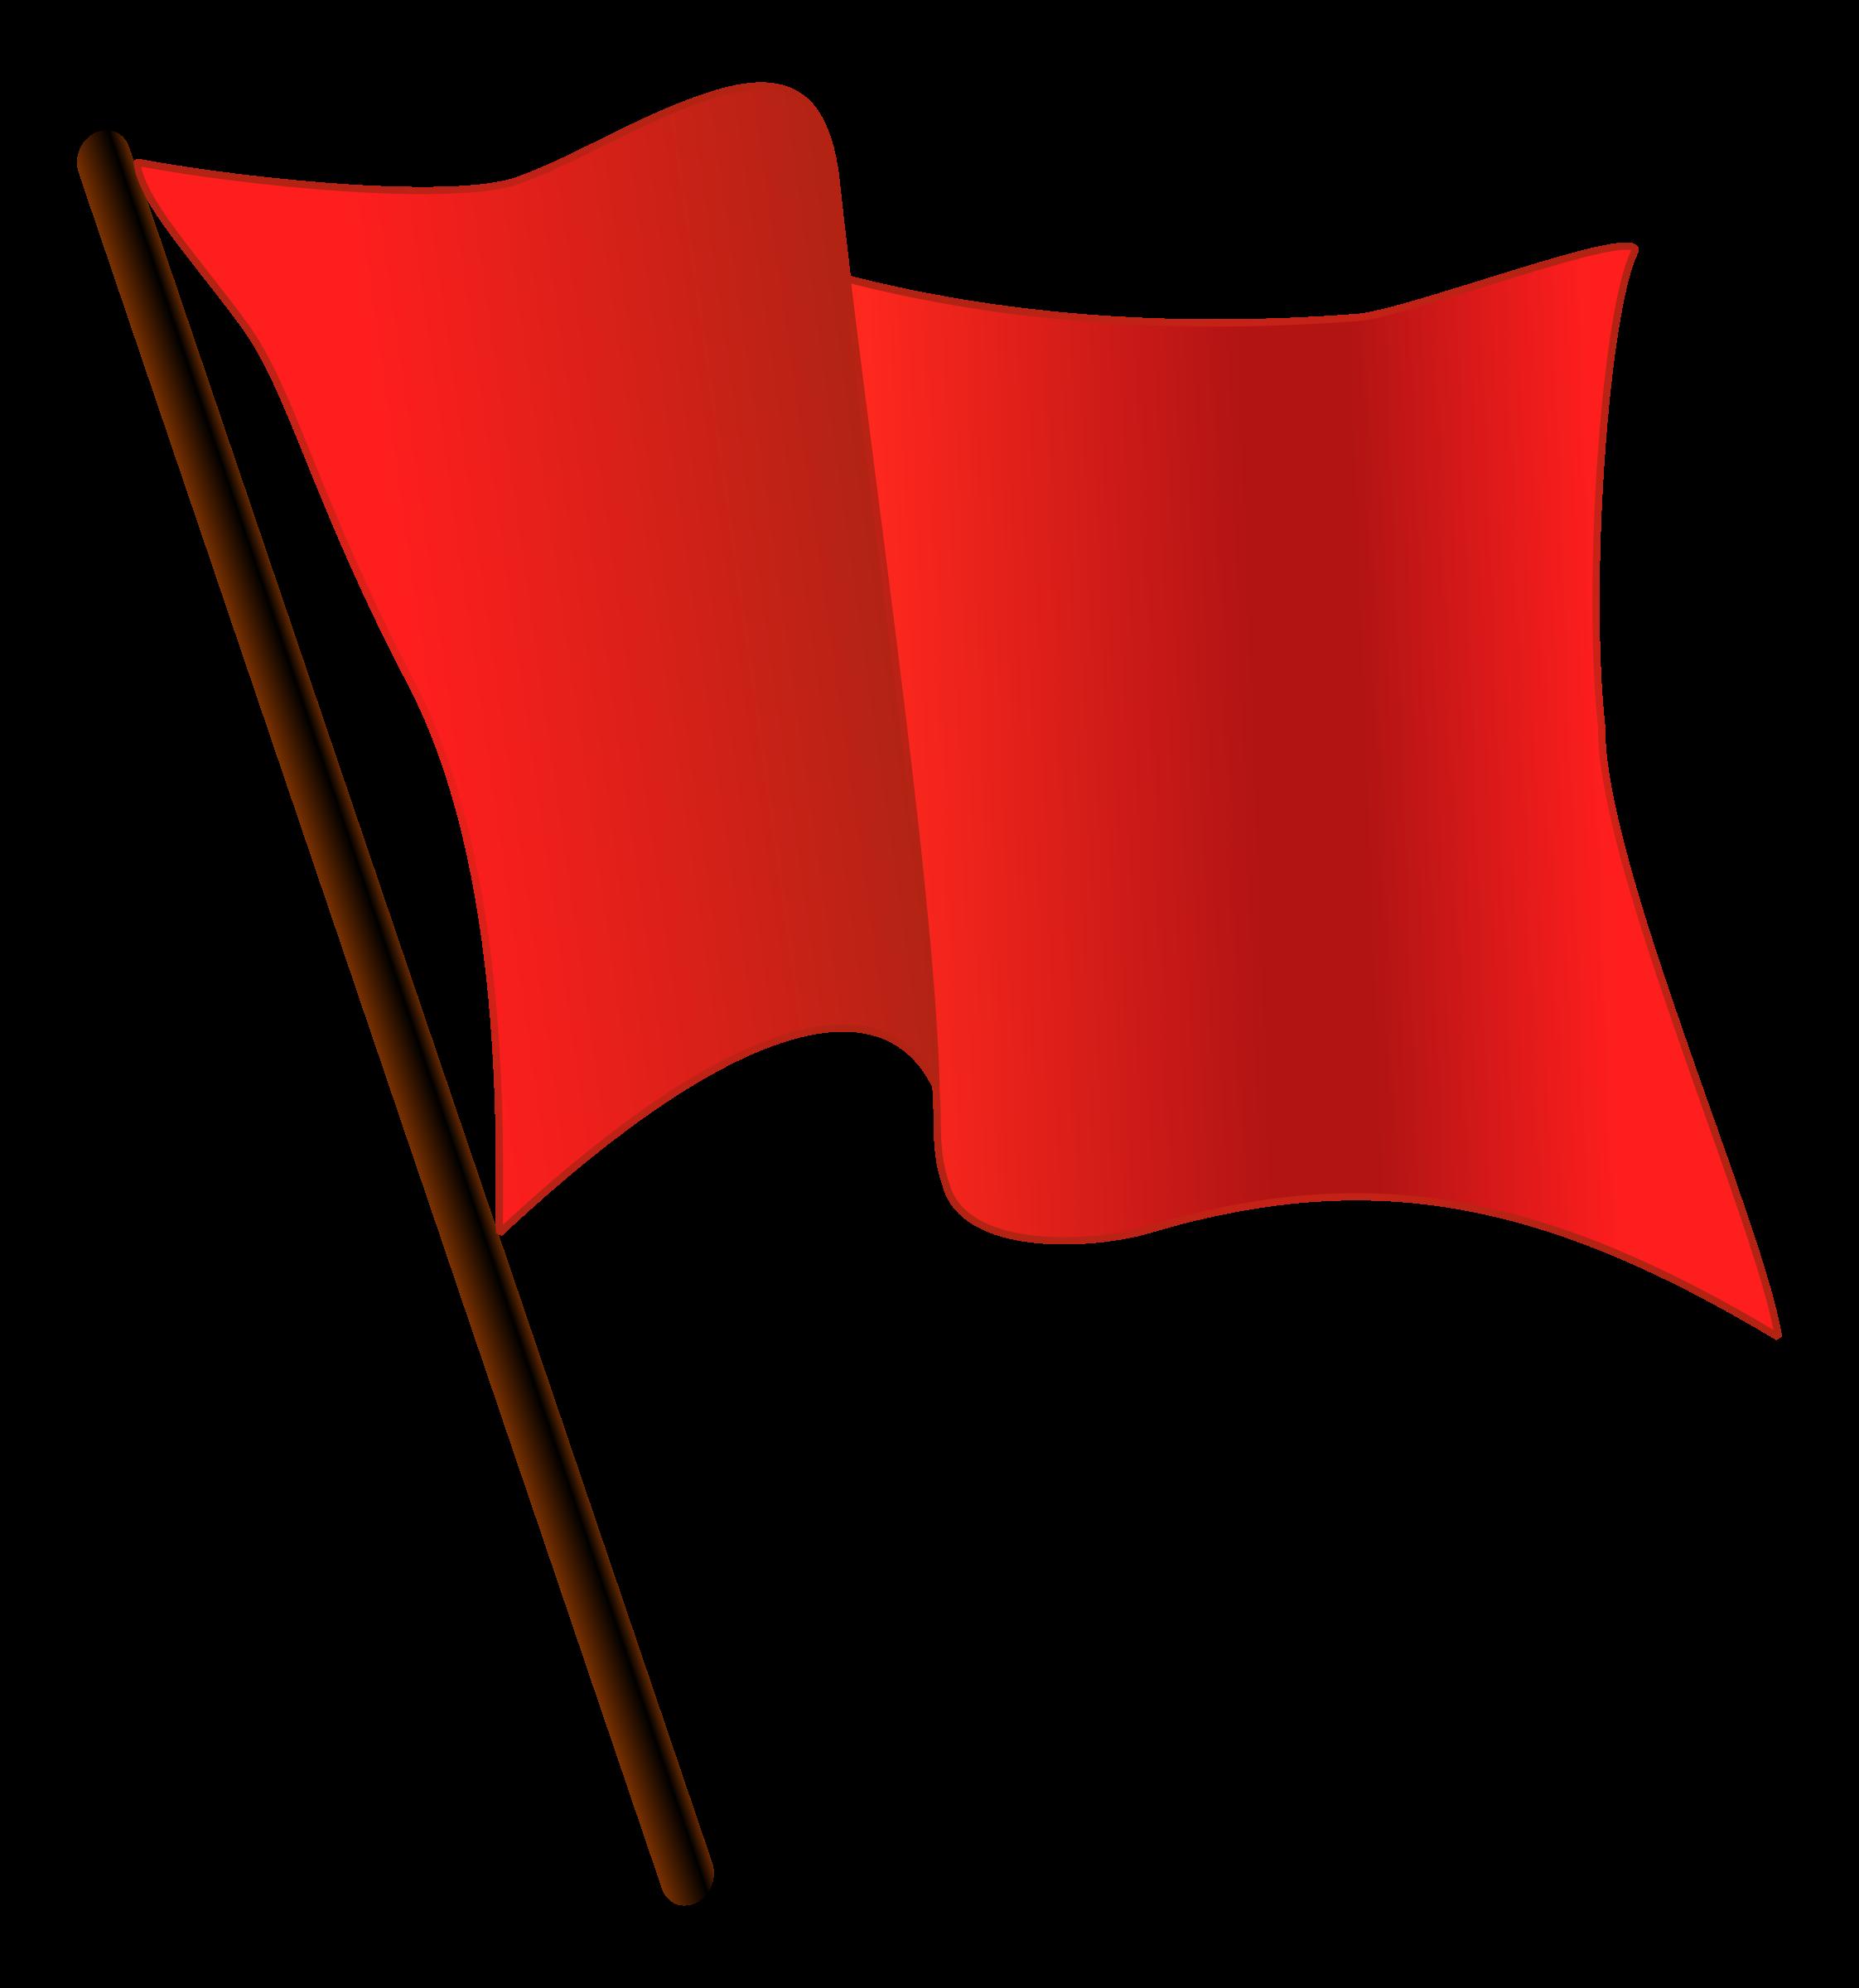 Flag Clip Art Free-Flag Clip Art Free-2